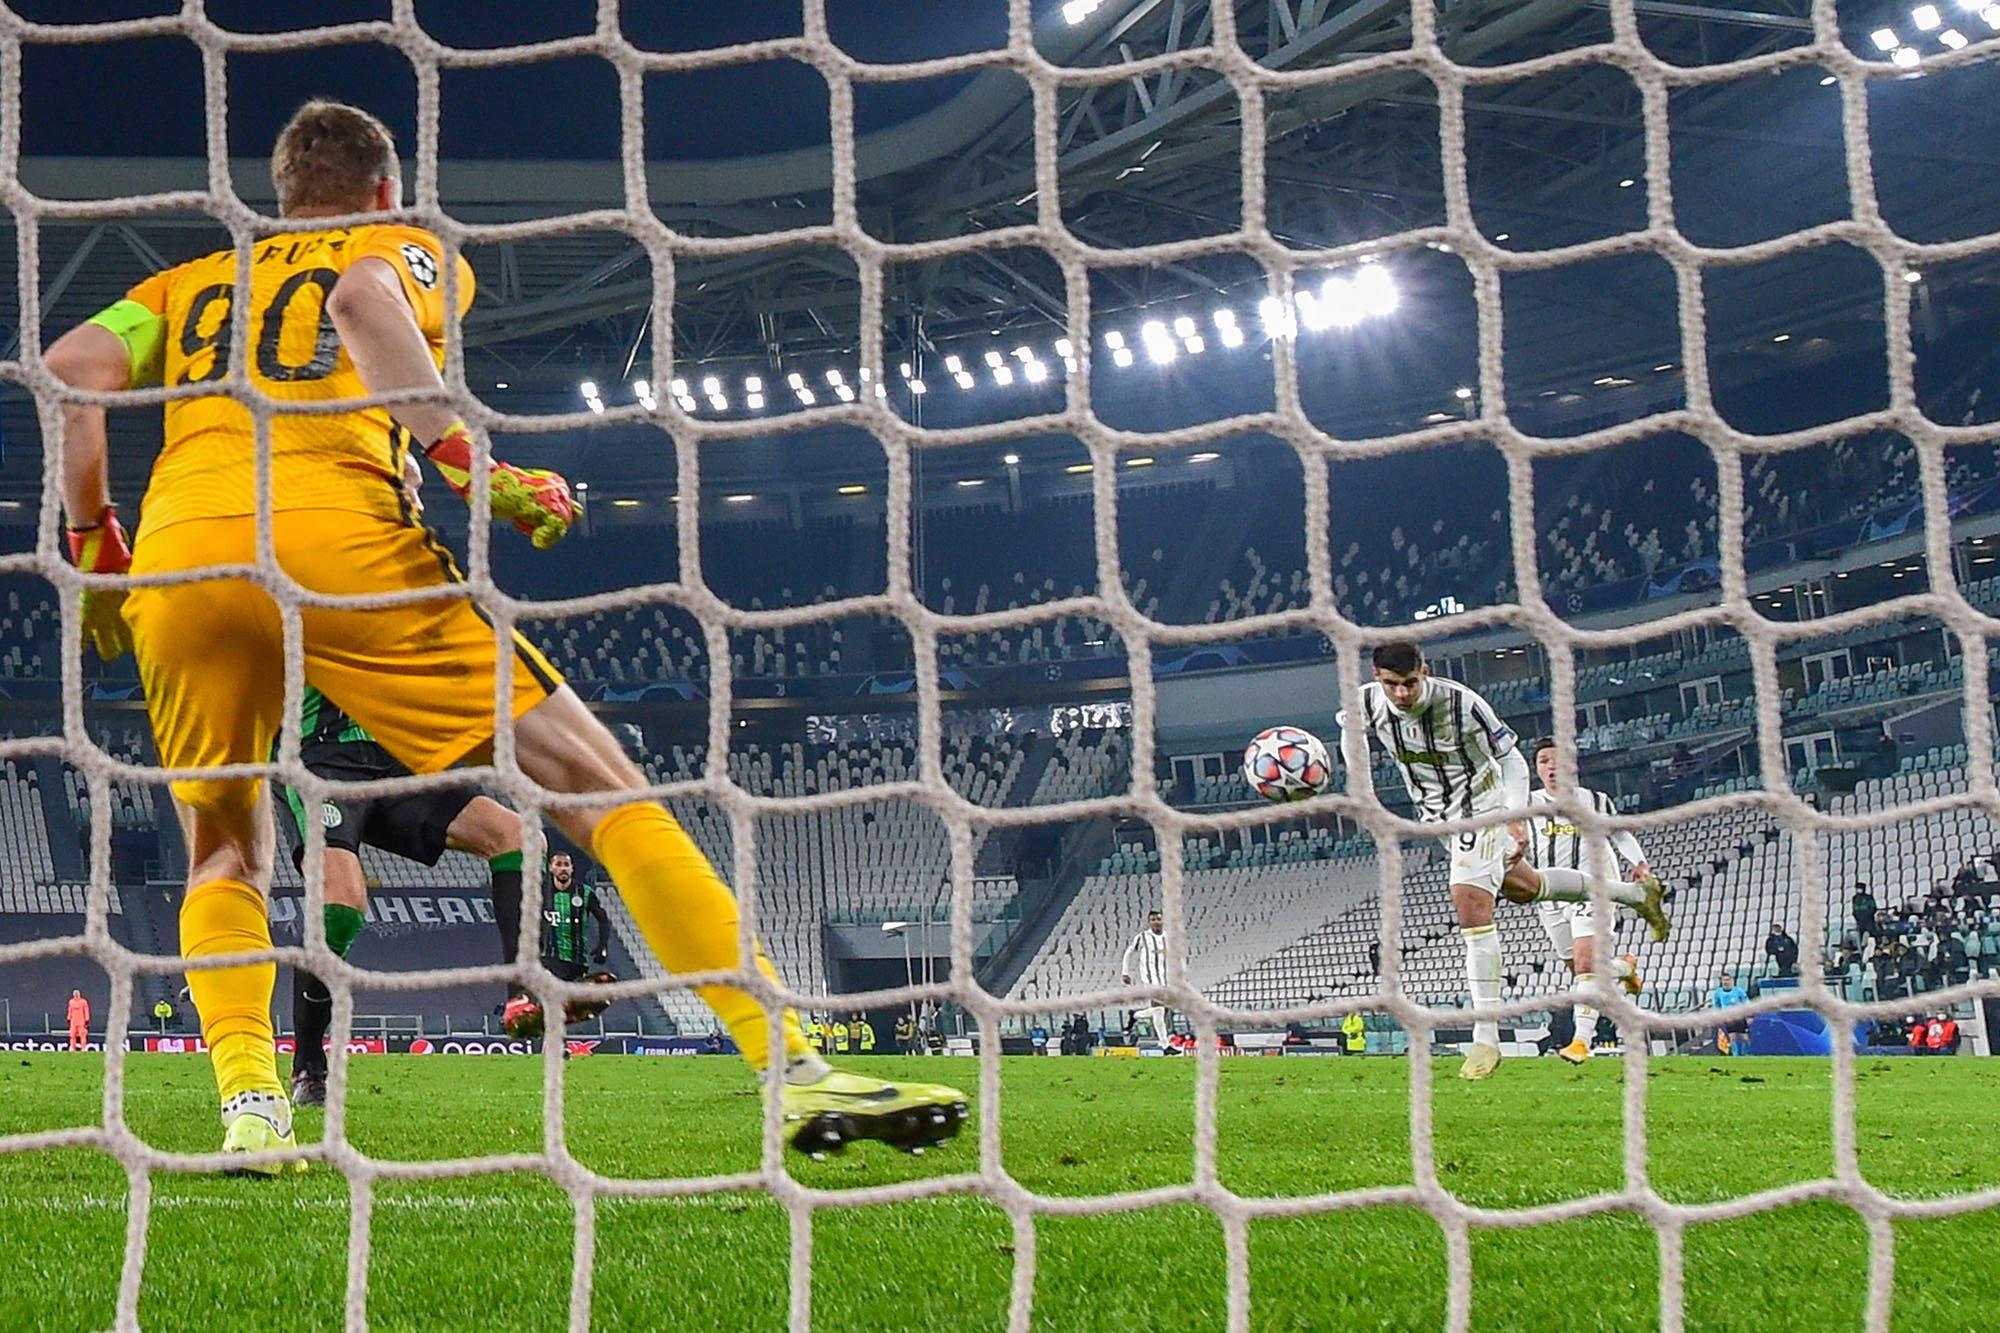 Juventus-Ferencvaros, por la Champions League: el equipo de Pirlo ganó sobre la hora y se clasificó a octavos de final